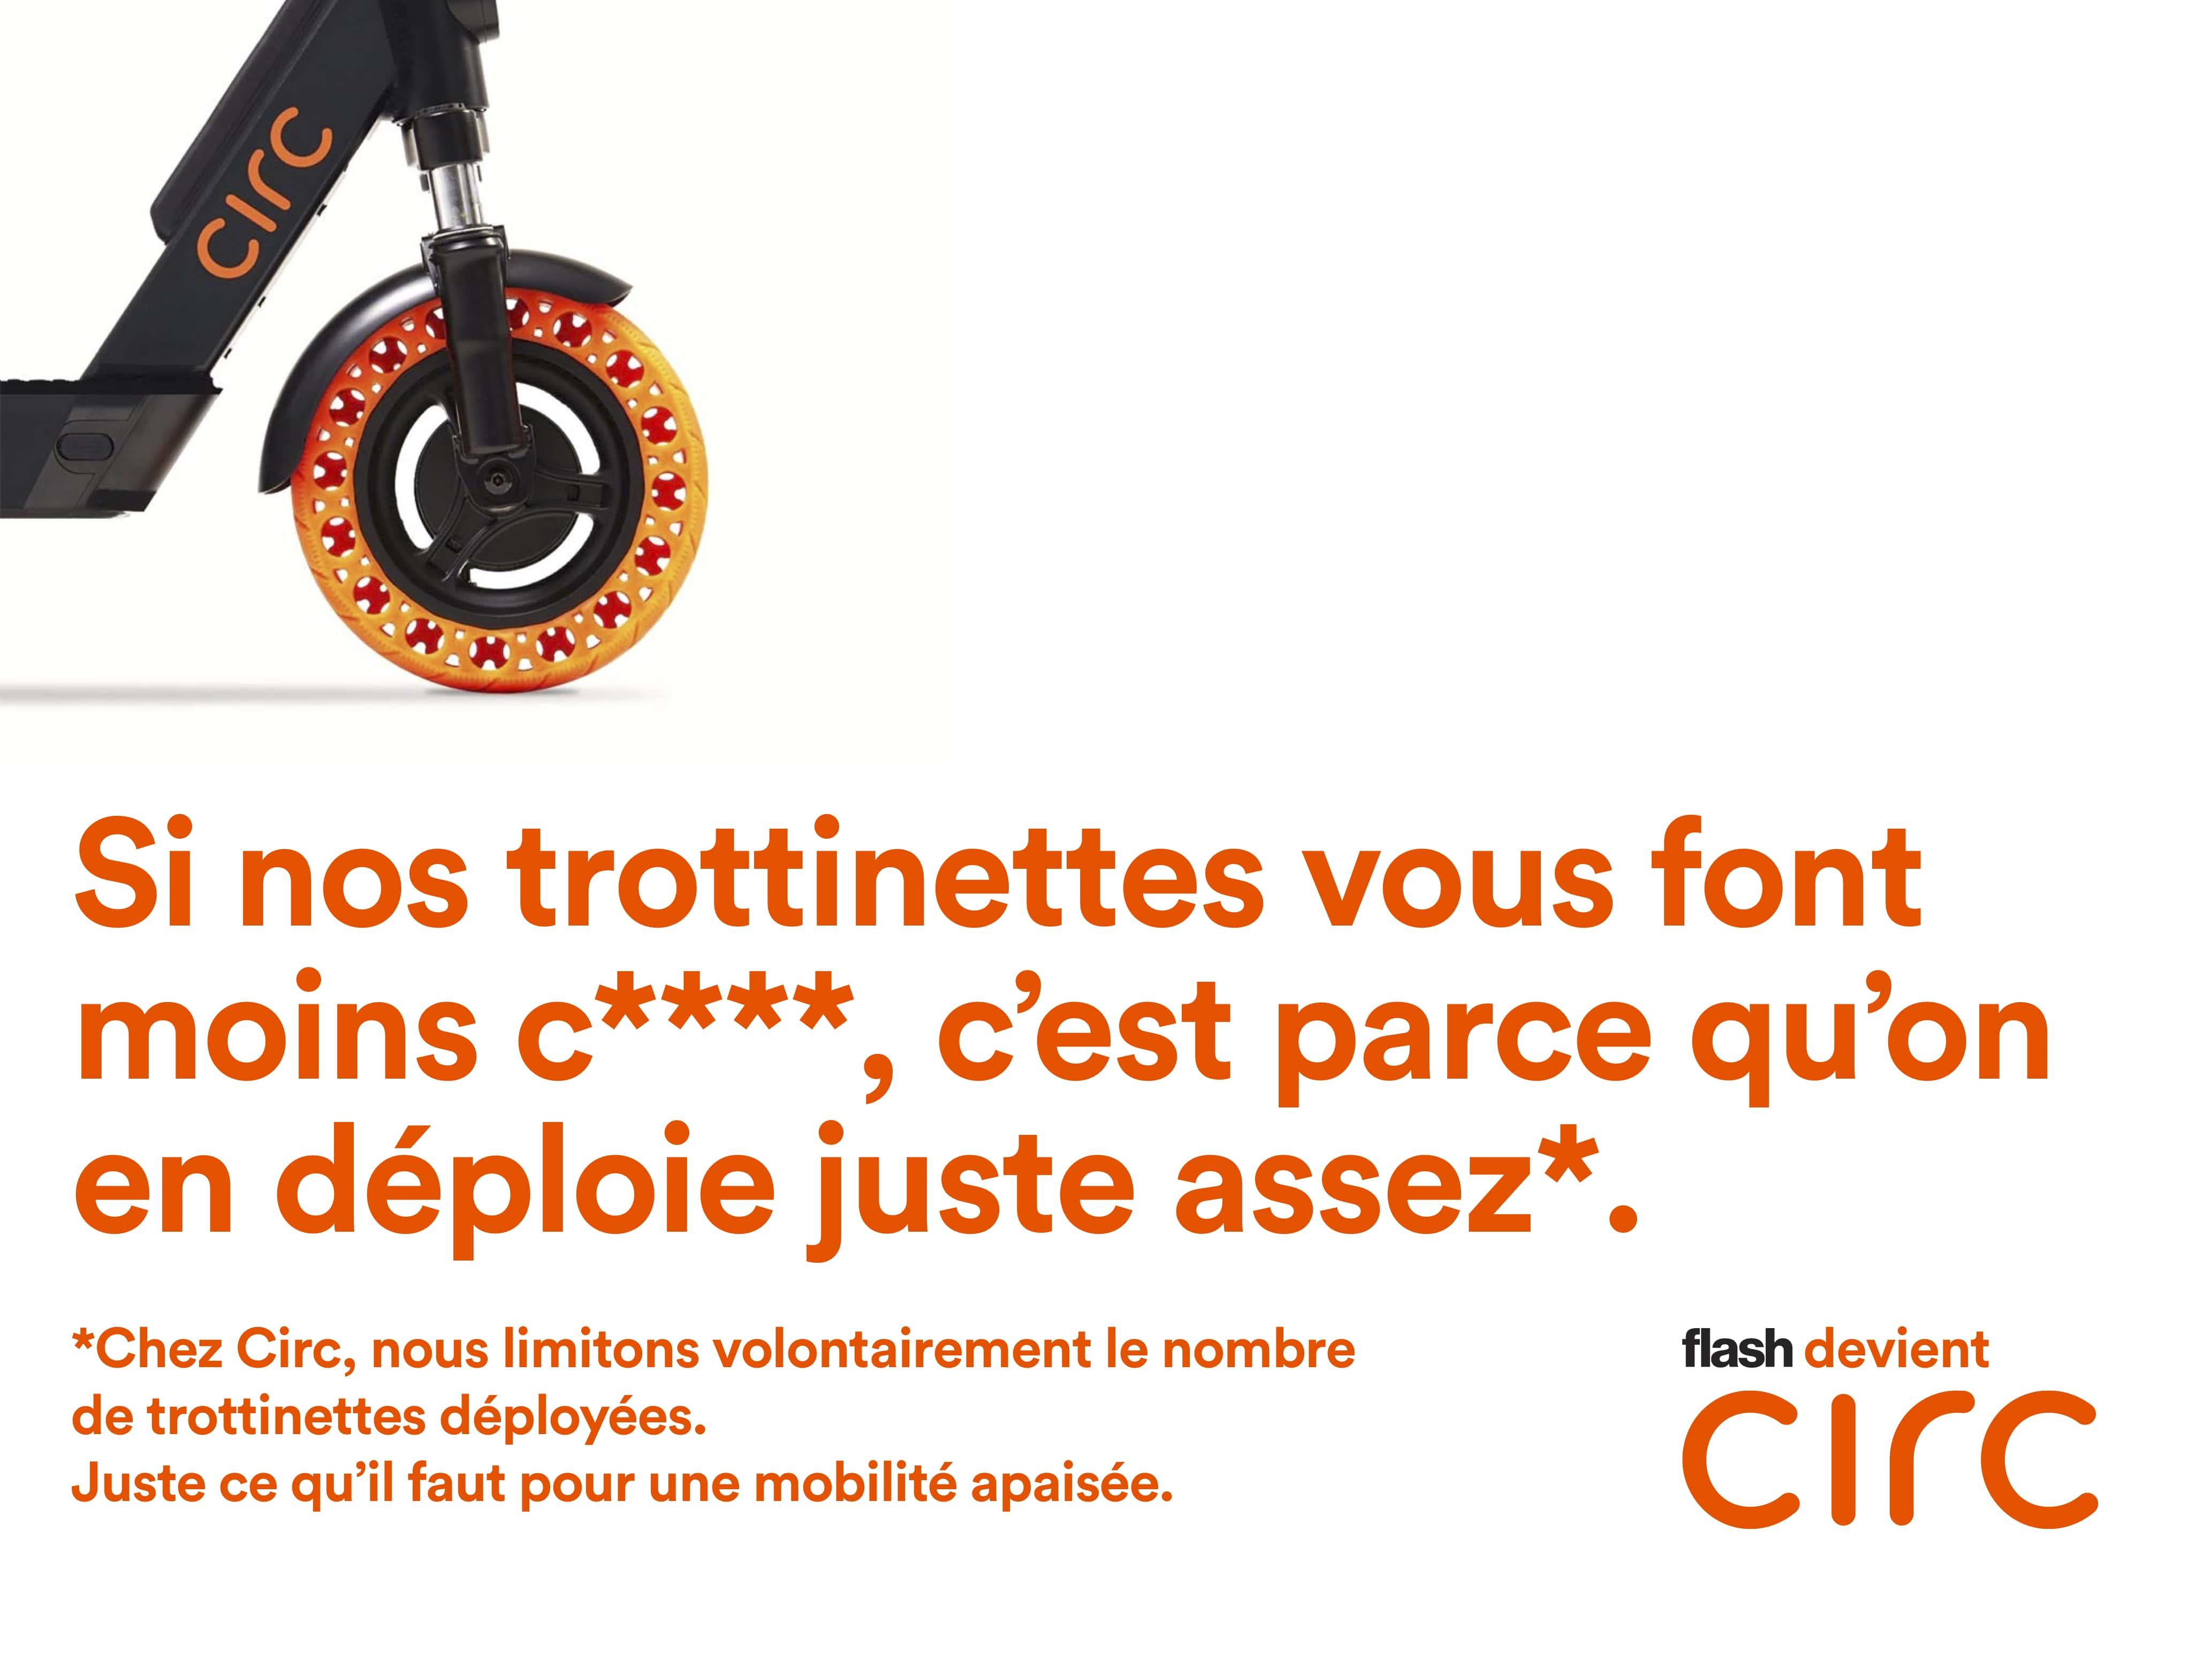 Affiche des trottinettes Circ